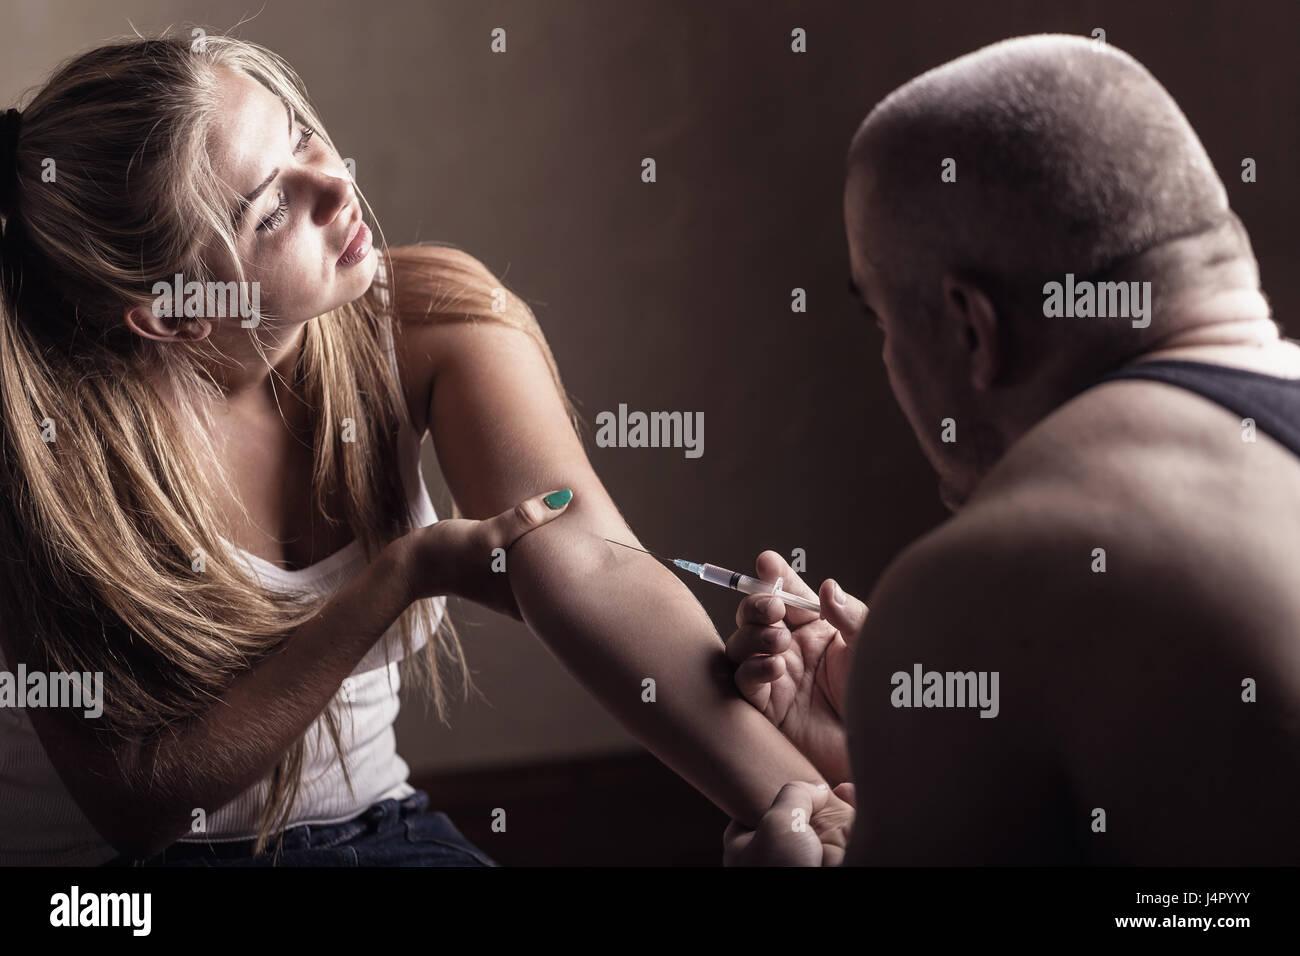 Wie macht man seine Freundin spritzen